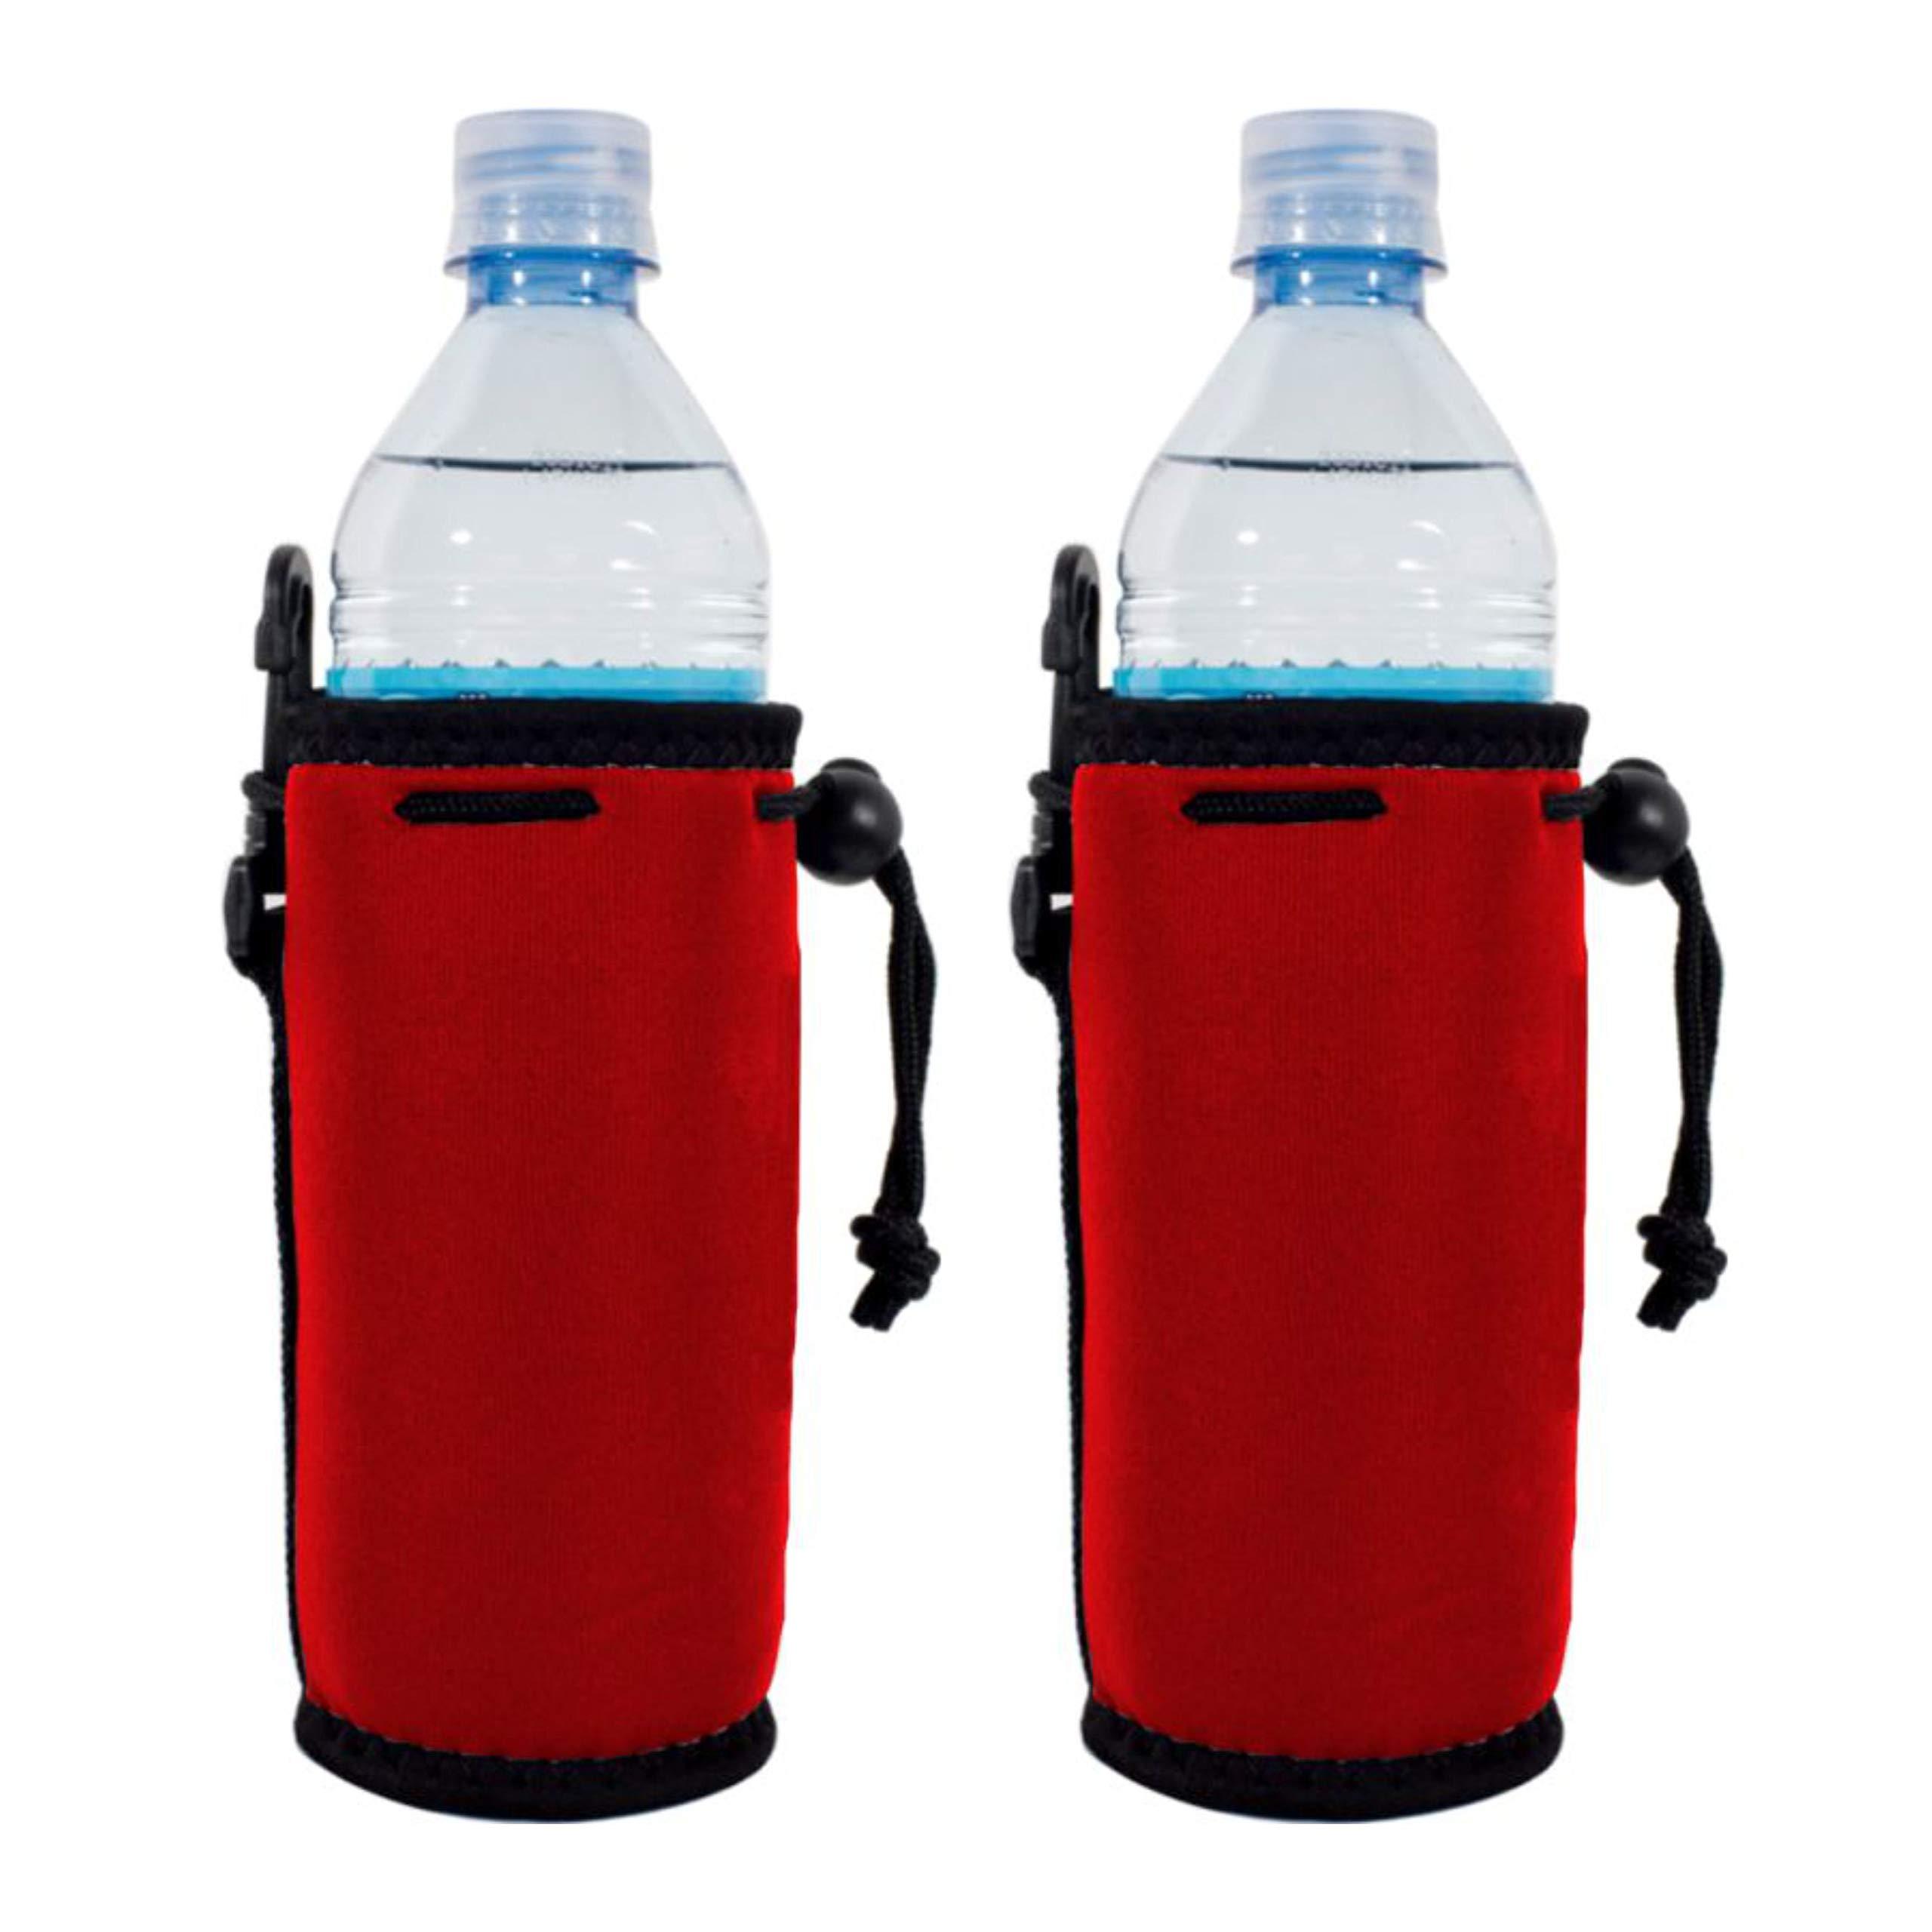 Blank Neoprene Water Bottle Coolie(s) with Full Bottom (2, Red)